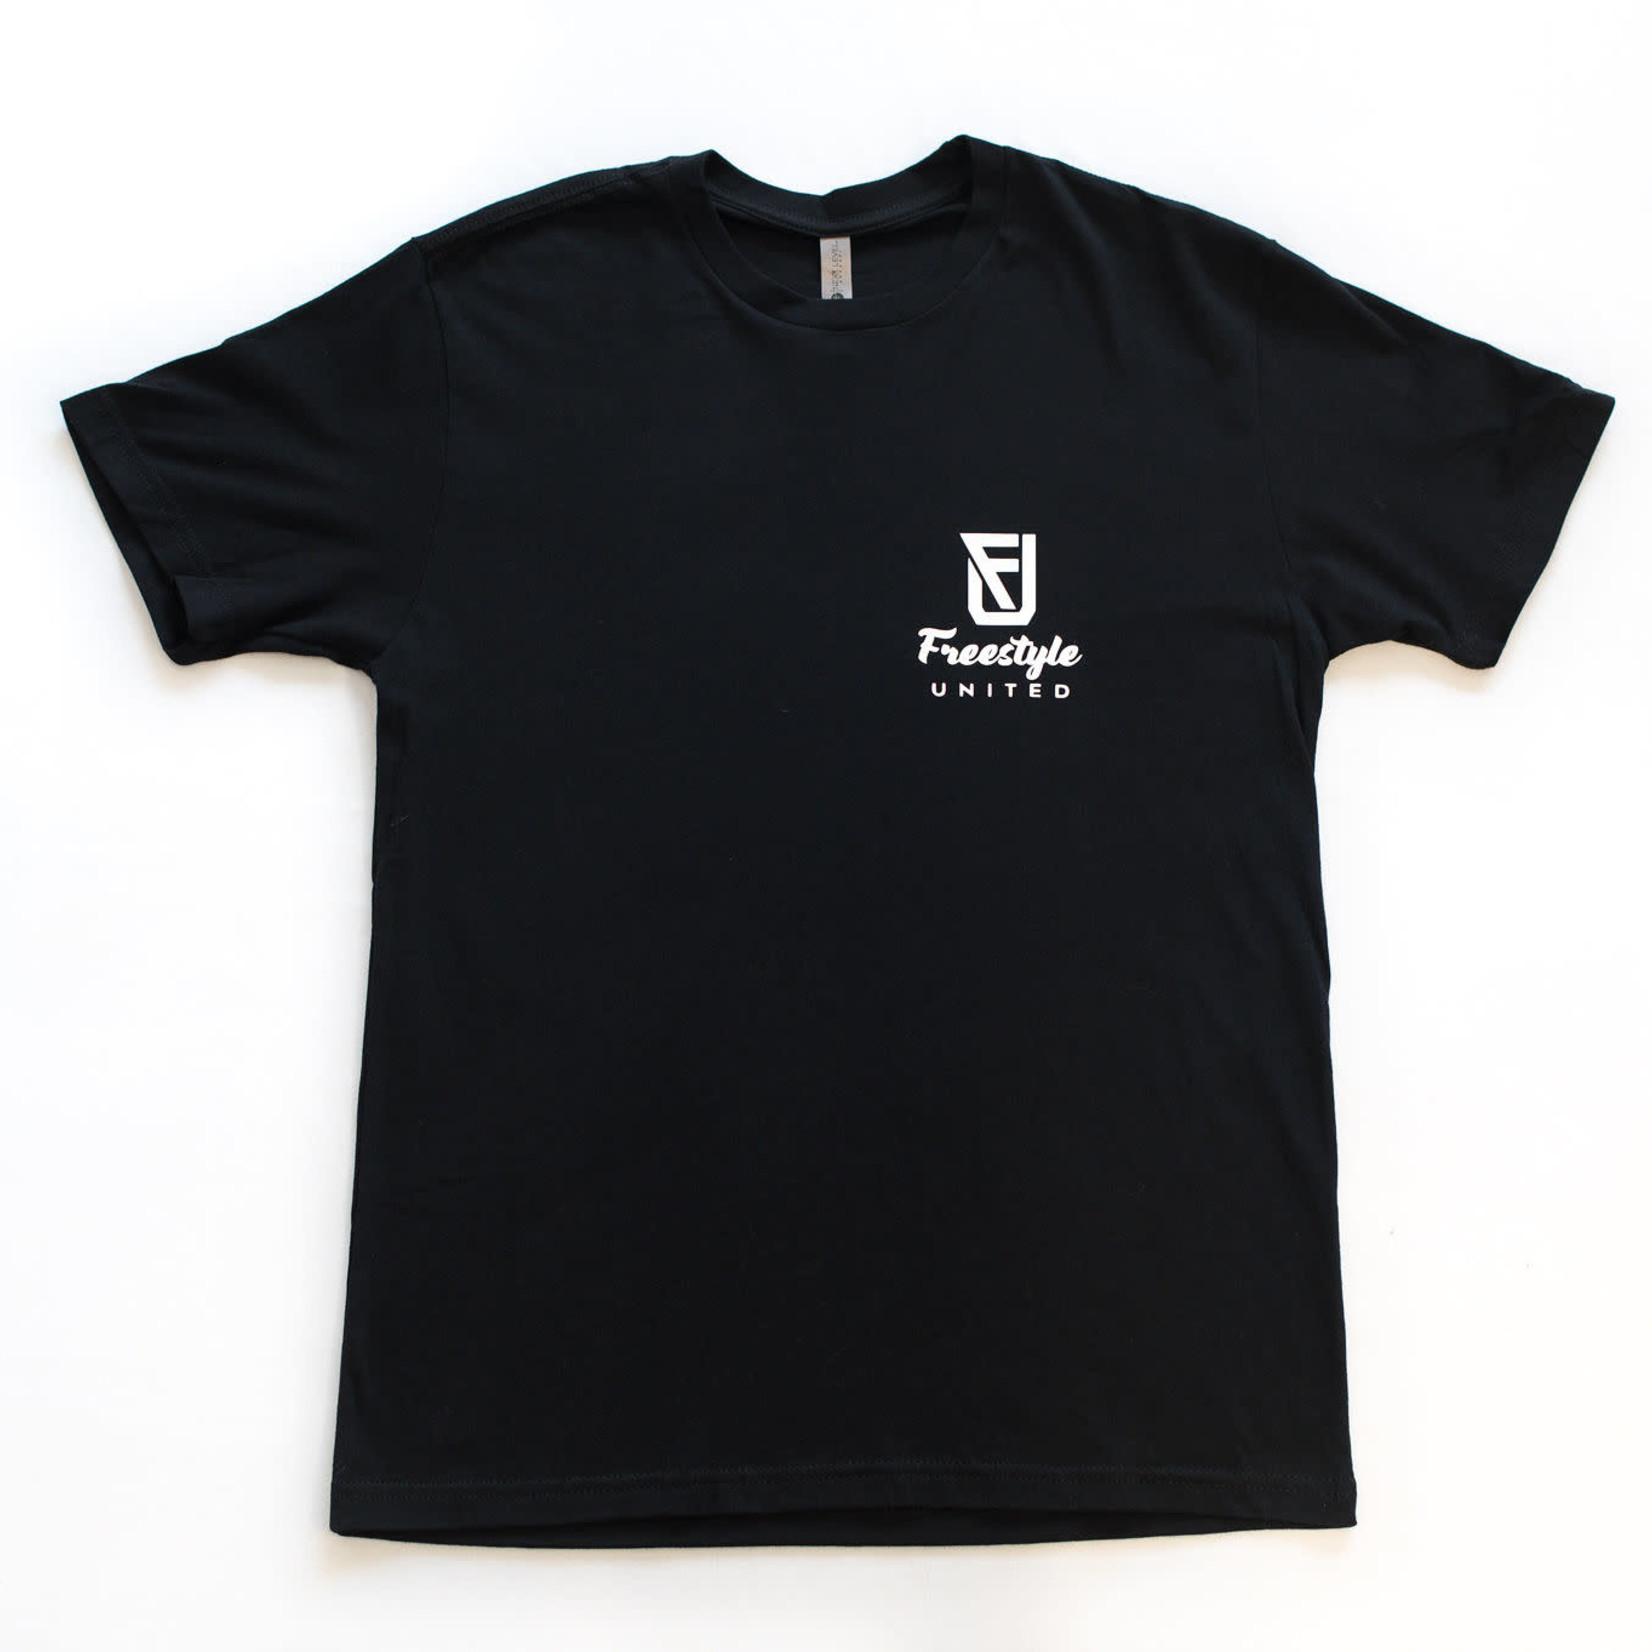 Freestyle United Freestyle United - Adult Signature T-shirt - Black